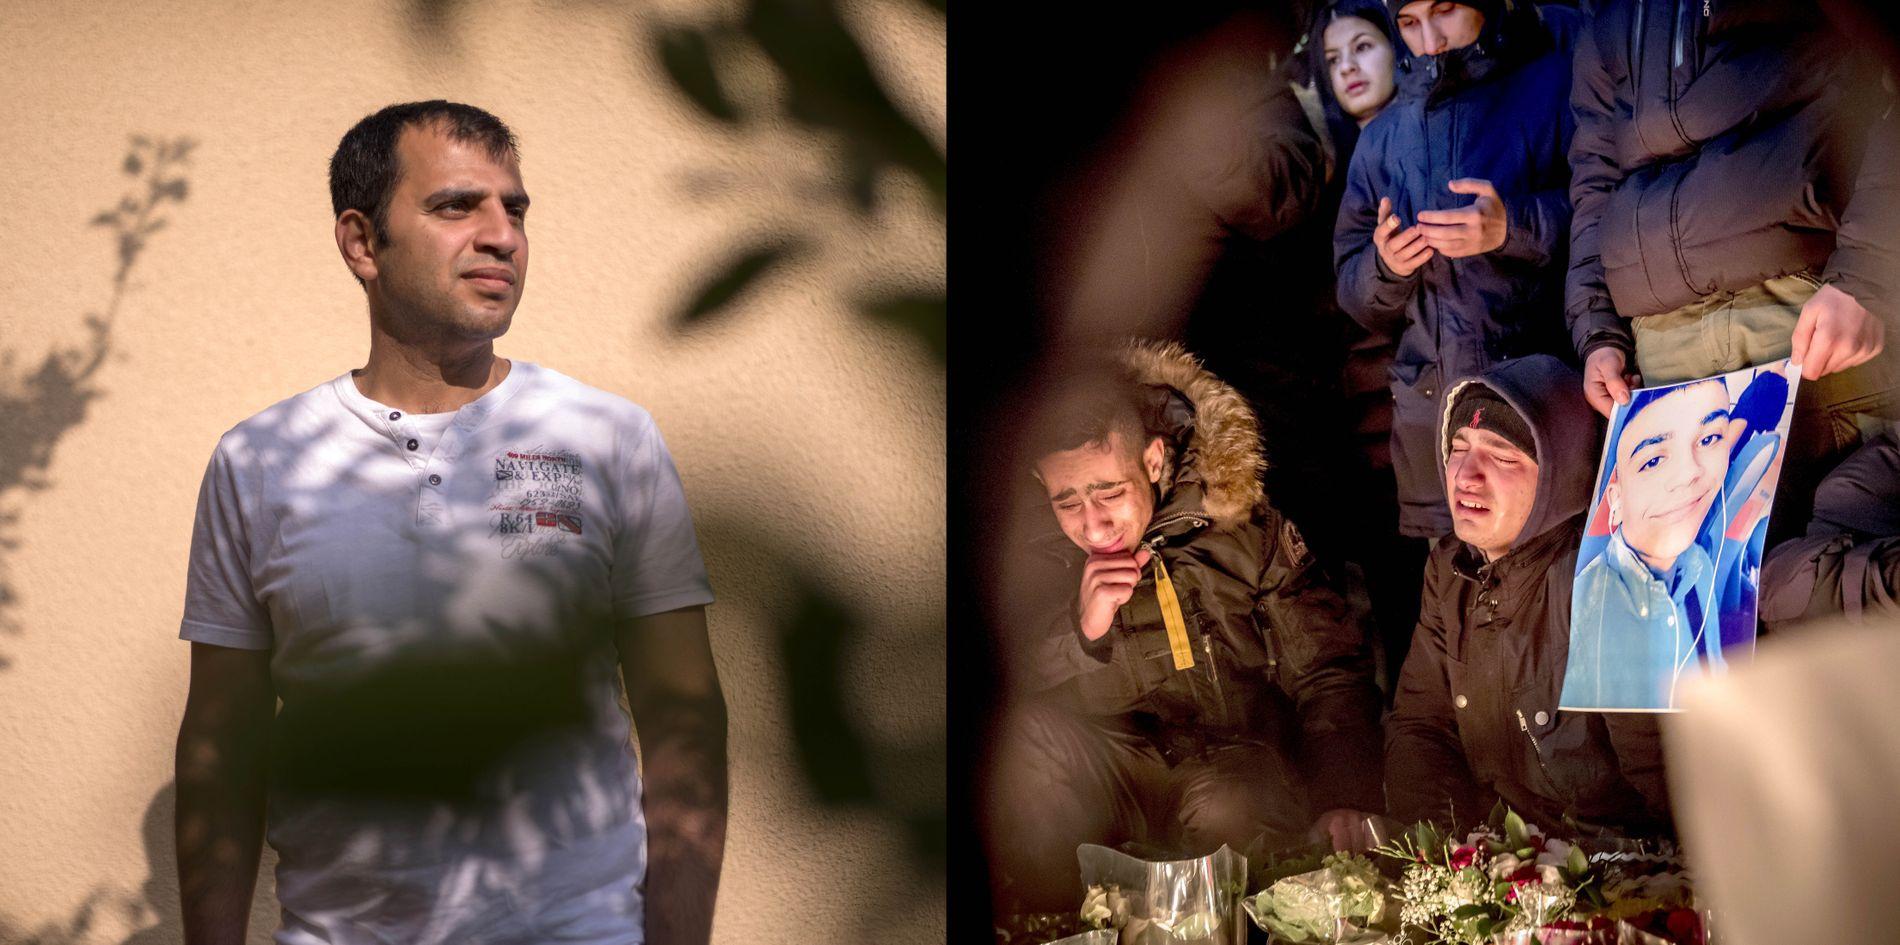 SØRGER: (til høyre) Venner av 16 år gamle Ahmed Obaid (avbildet på plakaten) sørger i en minnestund til ære for kameraten. Ett og et halvt år etter at 16-åringen ble tilfeldig skutt og drept på en bussholdeplass, har fortsatt ingen blitt tatt for mordet. Til venstre: Fetteren Housam Abbas (31) forteller at familien ikke kjenner seg trygge i Malmö lenger.